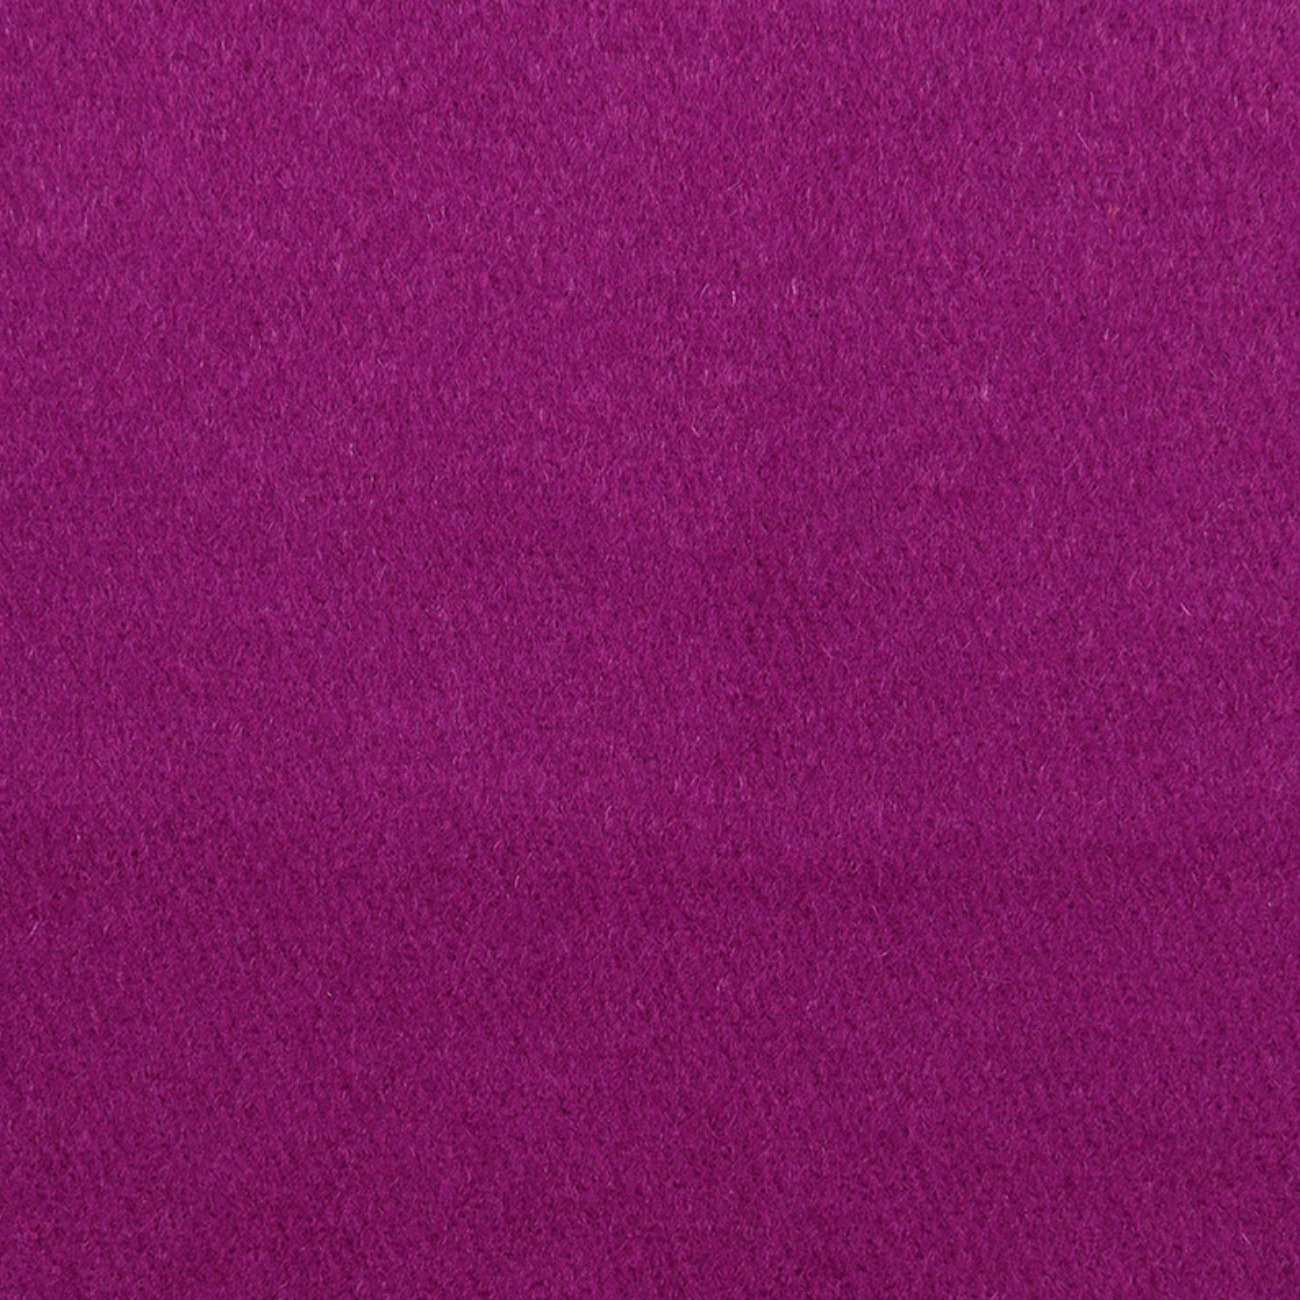 素色 梭织 单面 无弹 大衣 外套 柔软 细腻 绒感 男装 女装 童装 秋冬 羊毛 71019-20